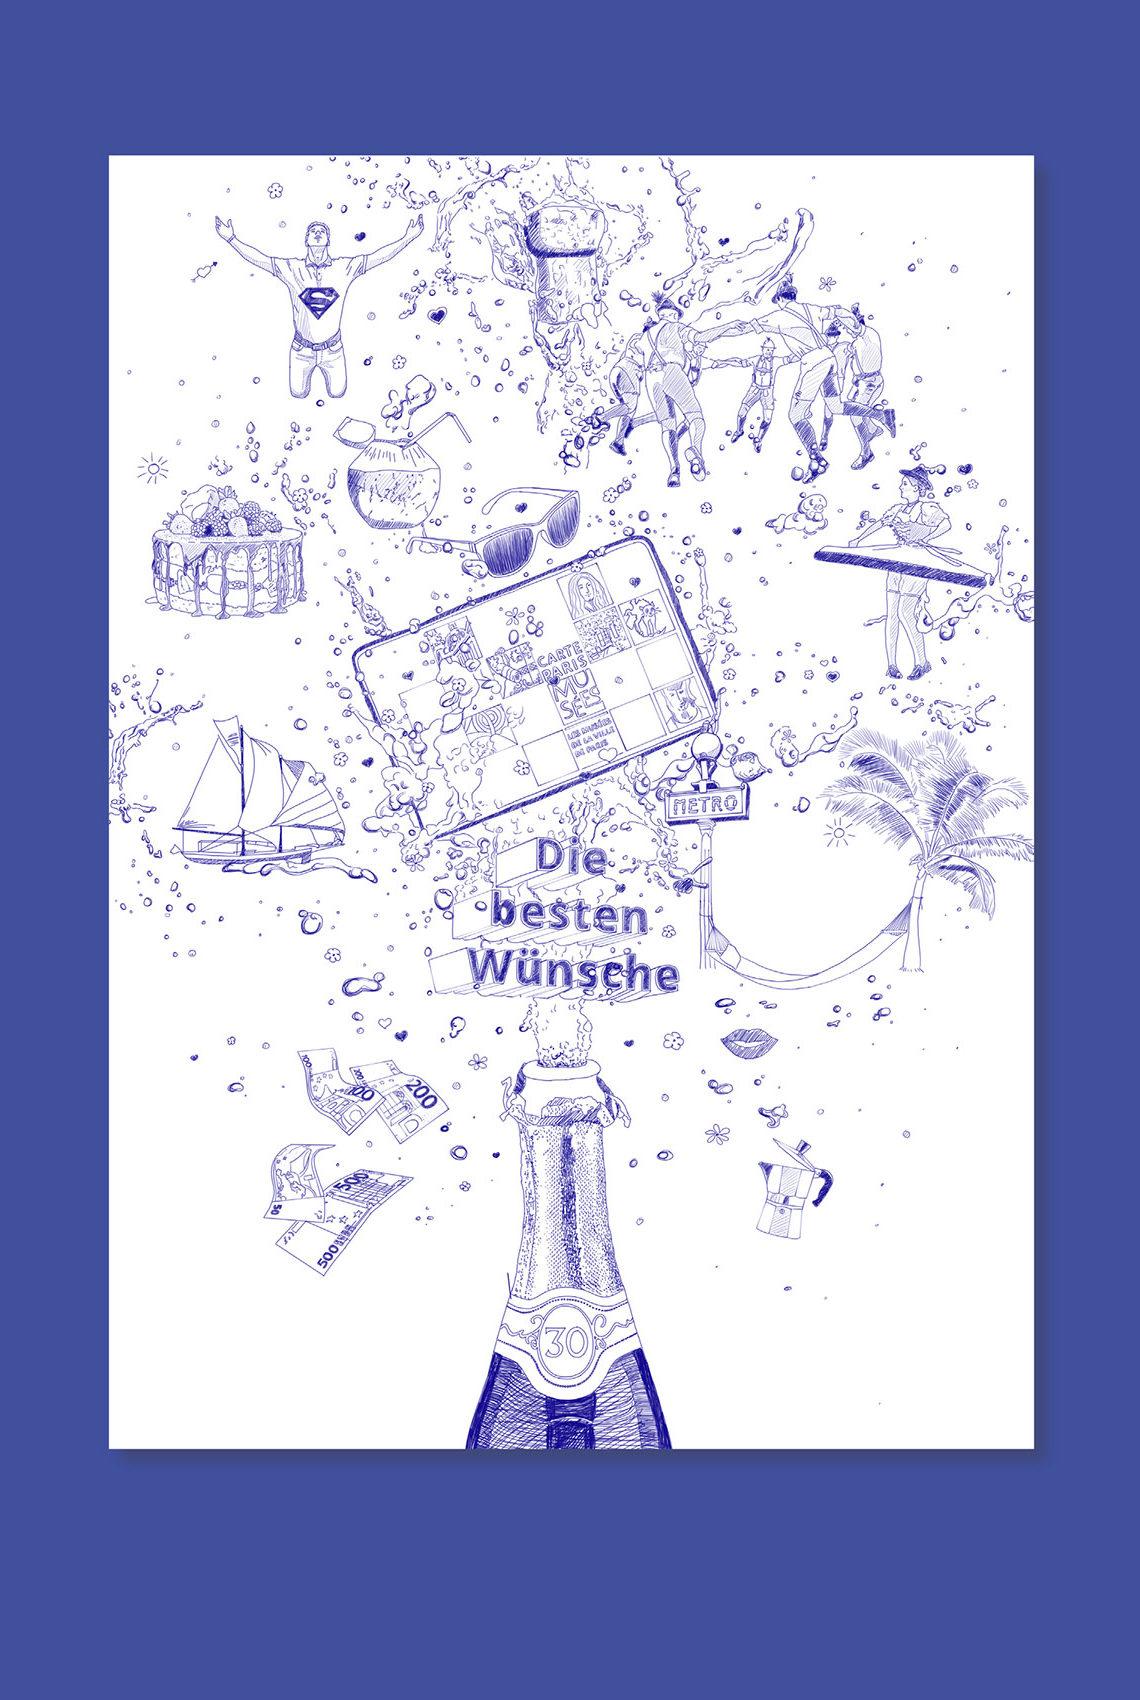 Illustration: Geburtstagswünsche, birthday wishes